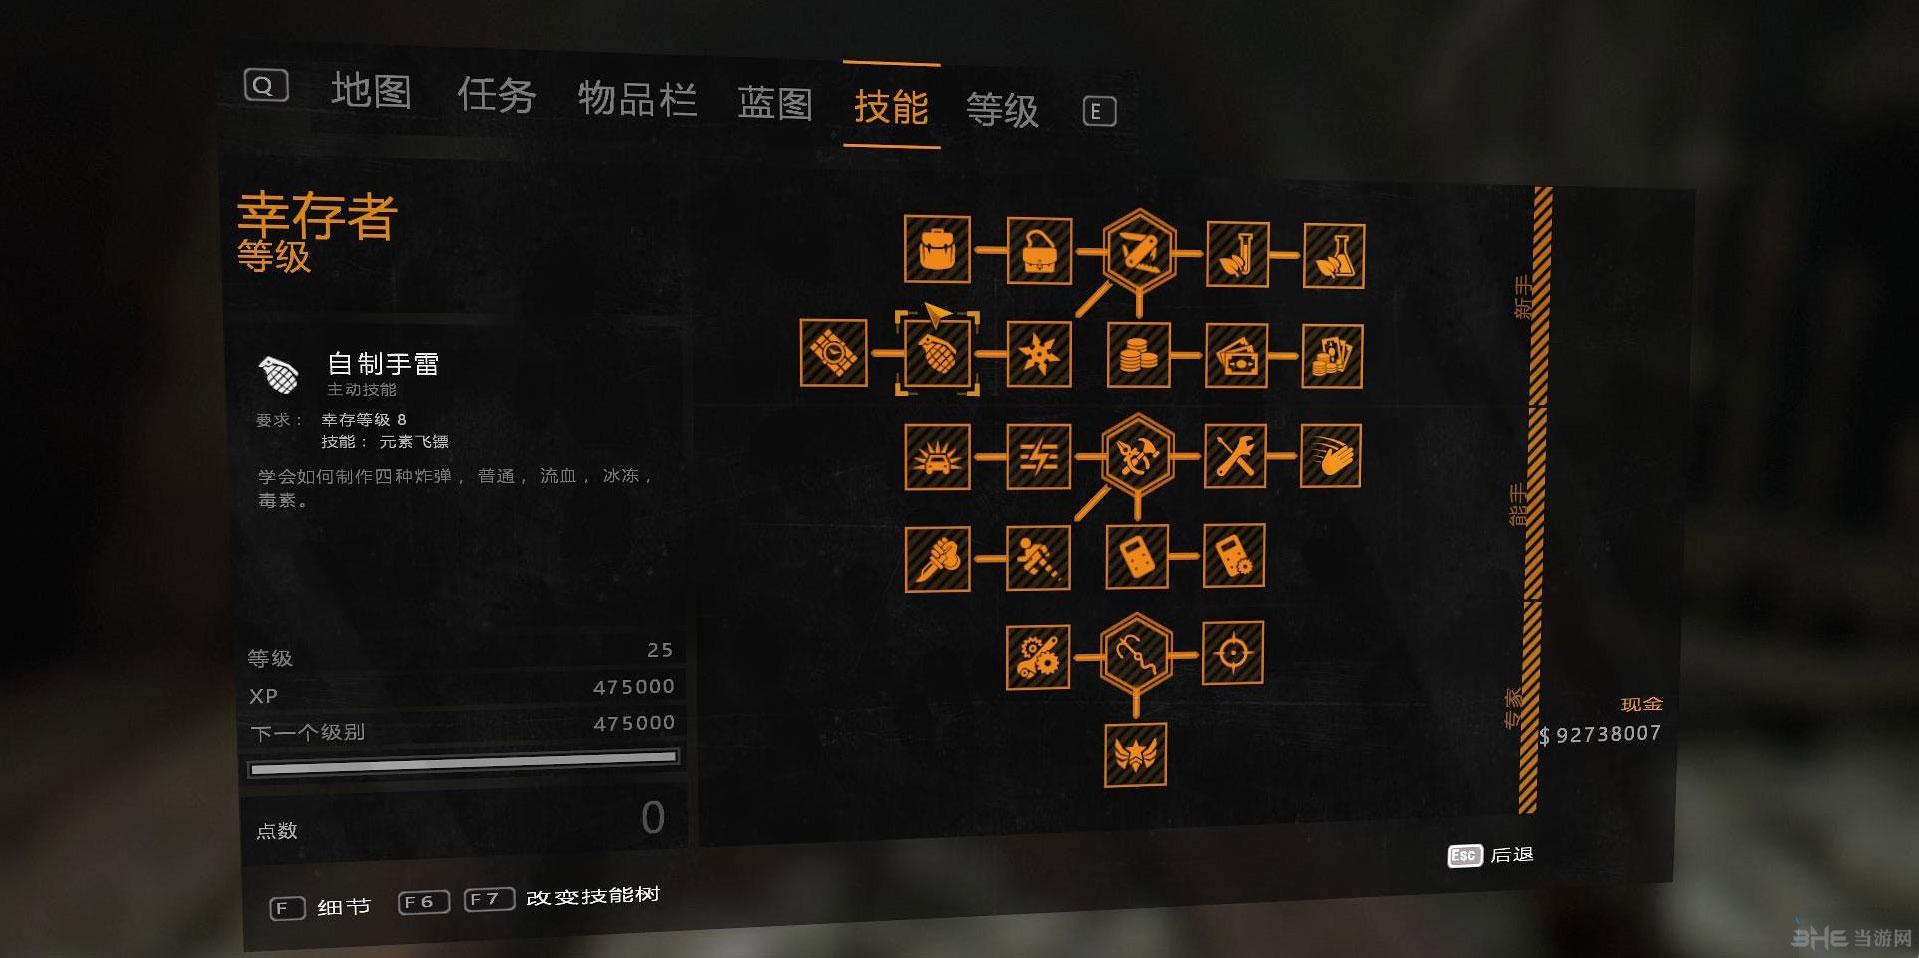 消逝的光芒:加强版简体中文汉化补丁截图1